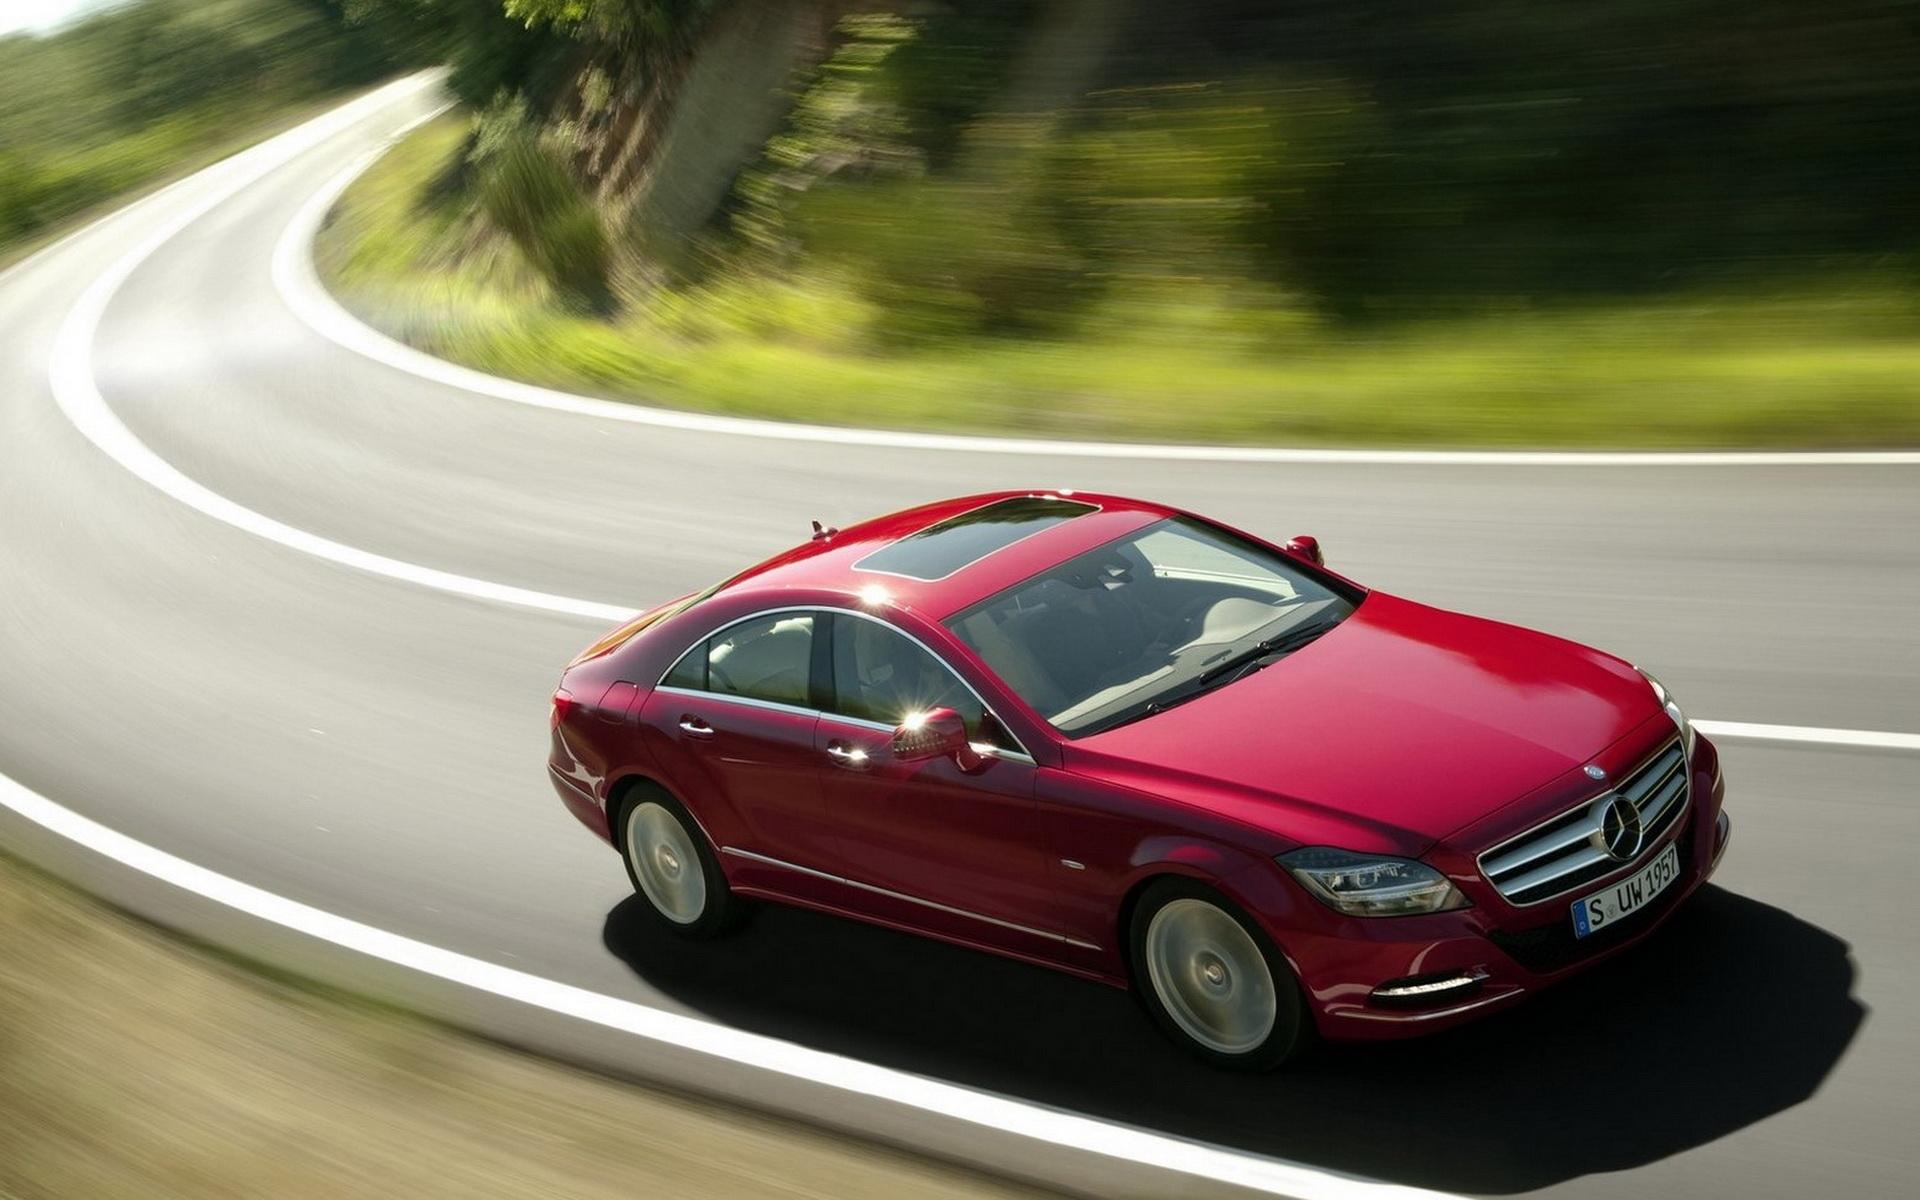 49448 скачать обои Транспорт, Машины, Мерседес (Mercedes) - заставки и картинки бесплатно